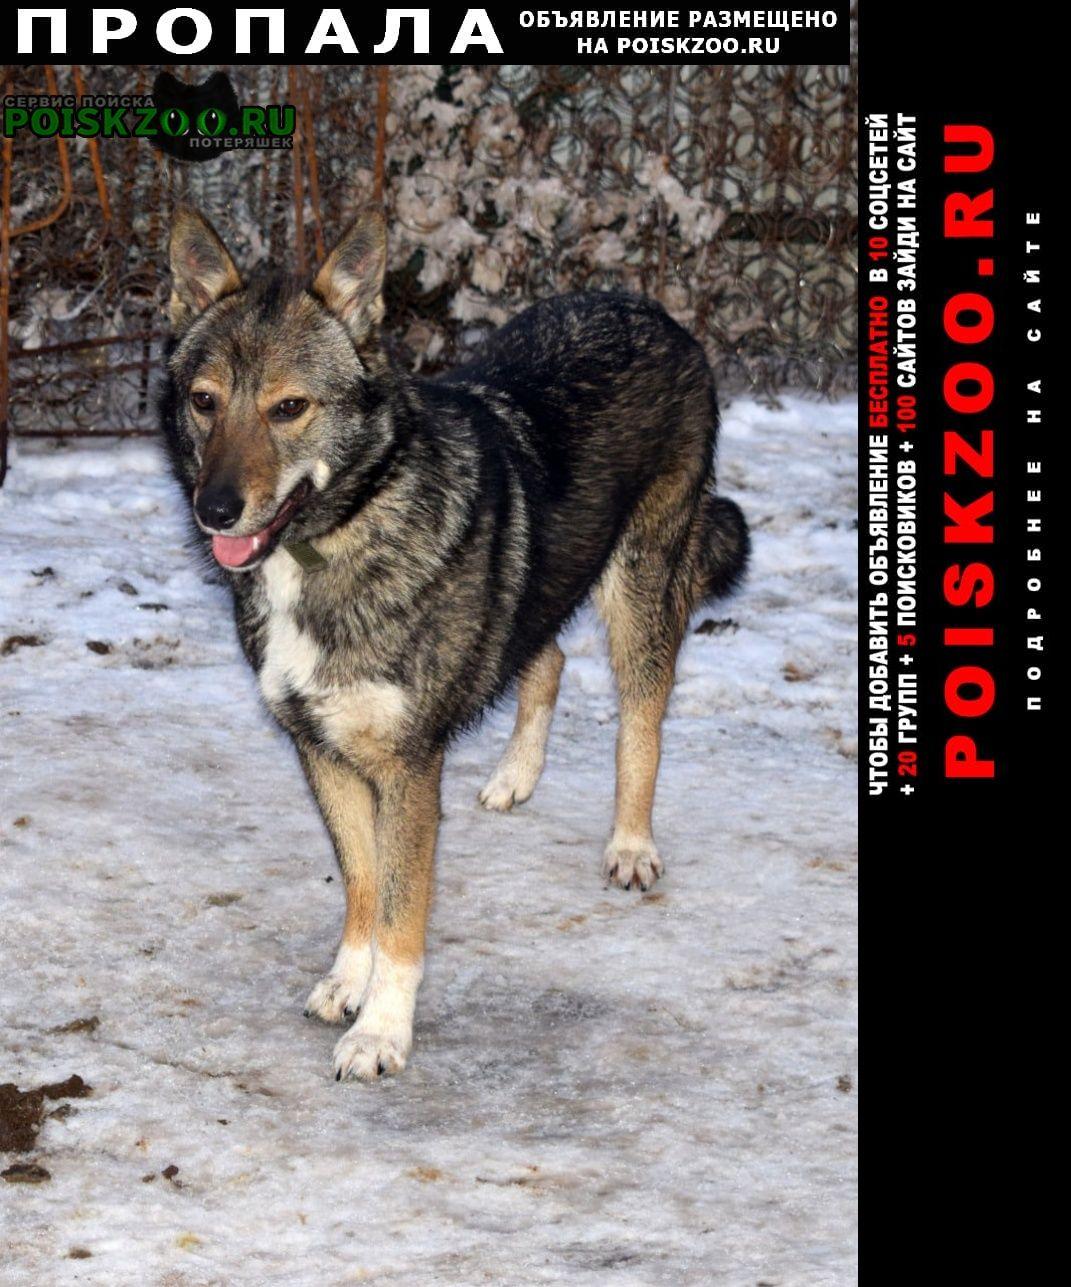 Пропала собака потерялась, похожа на волка Казань